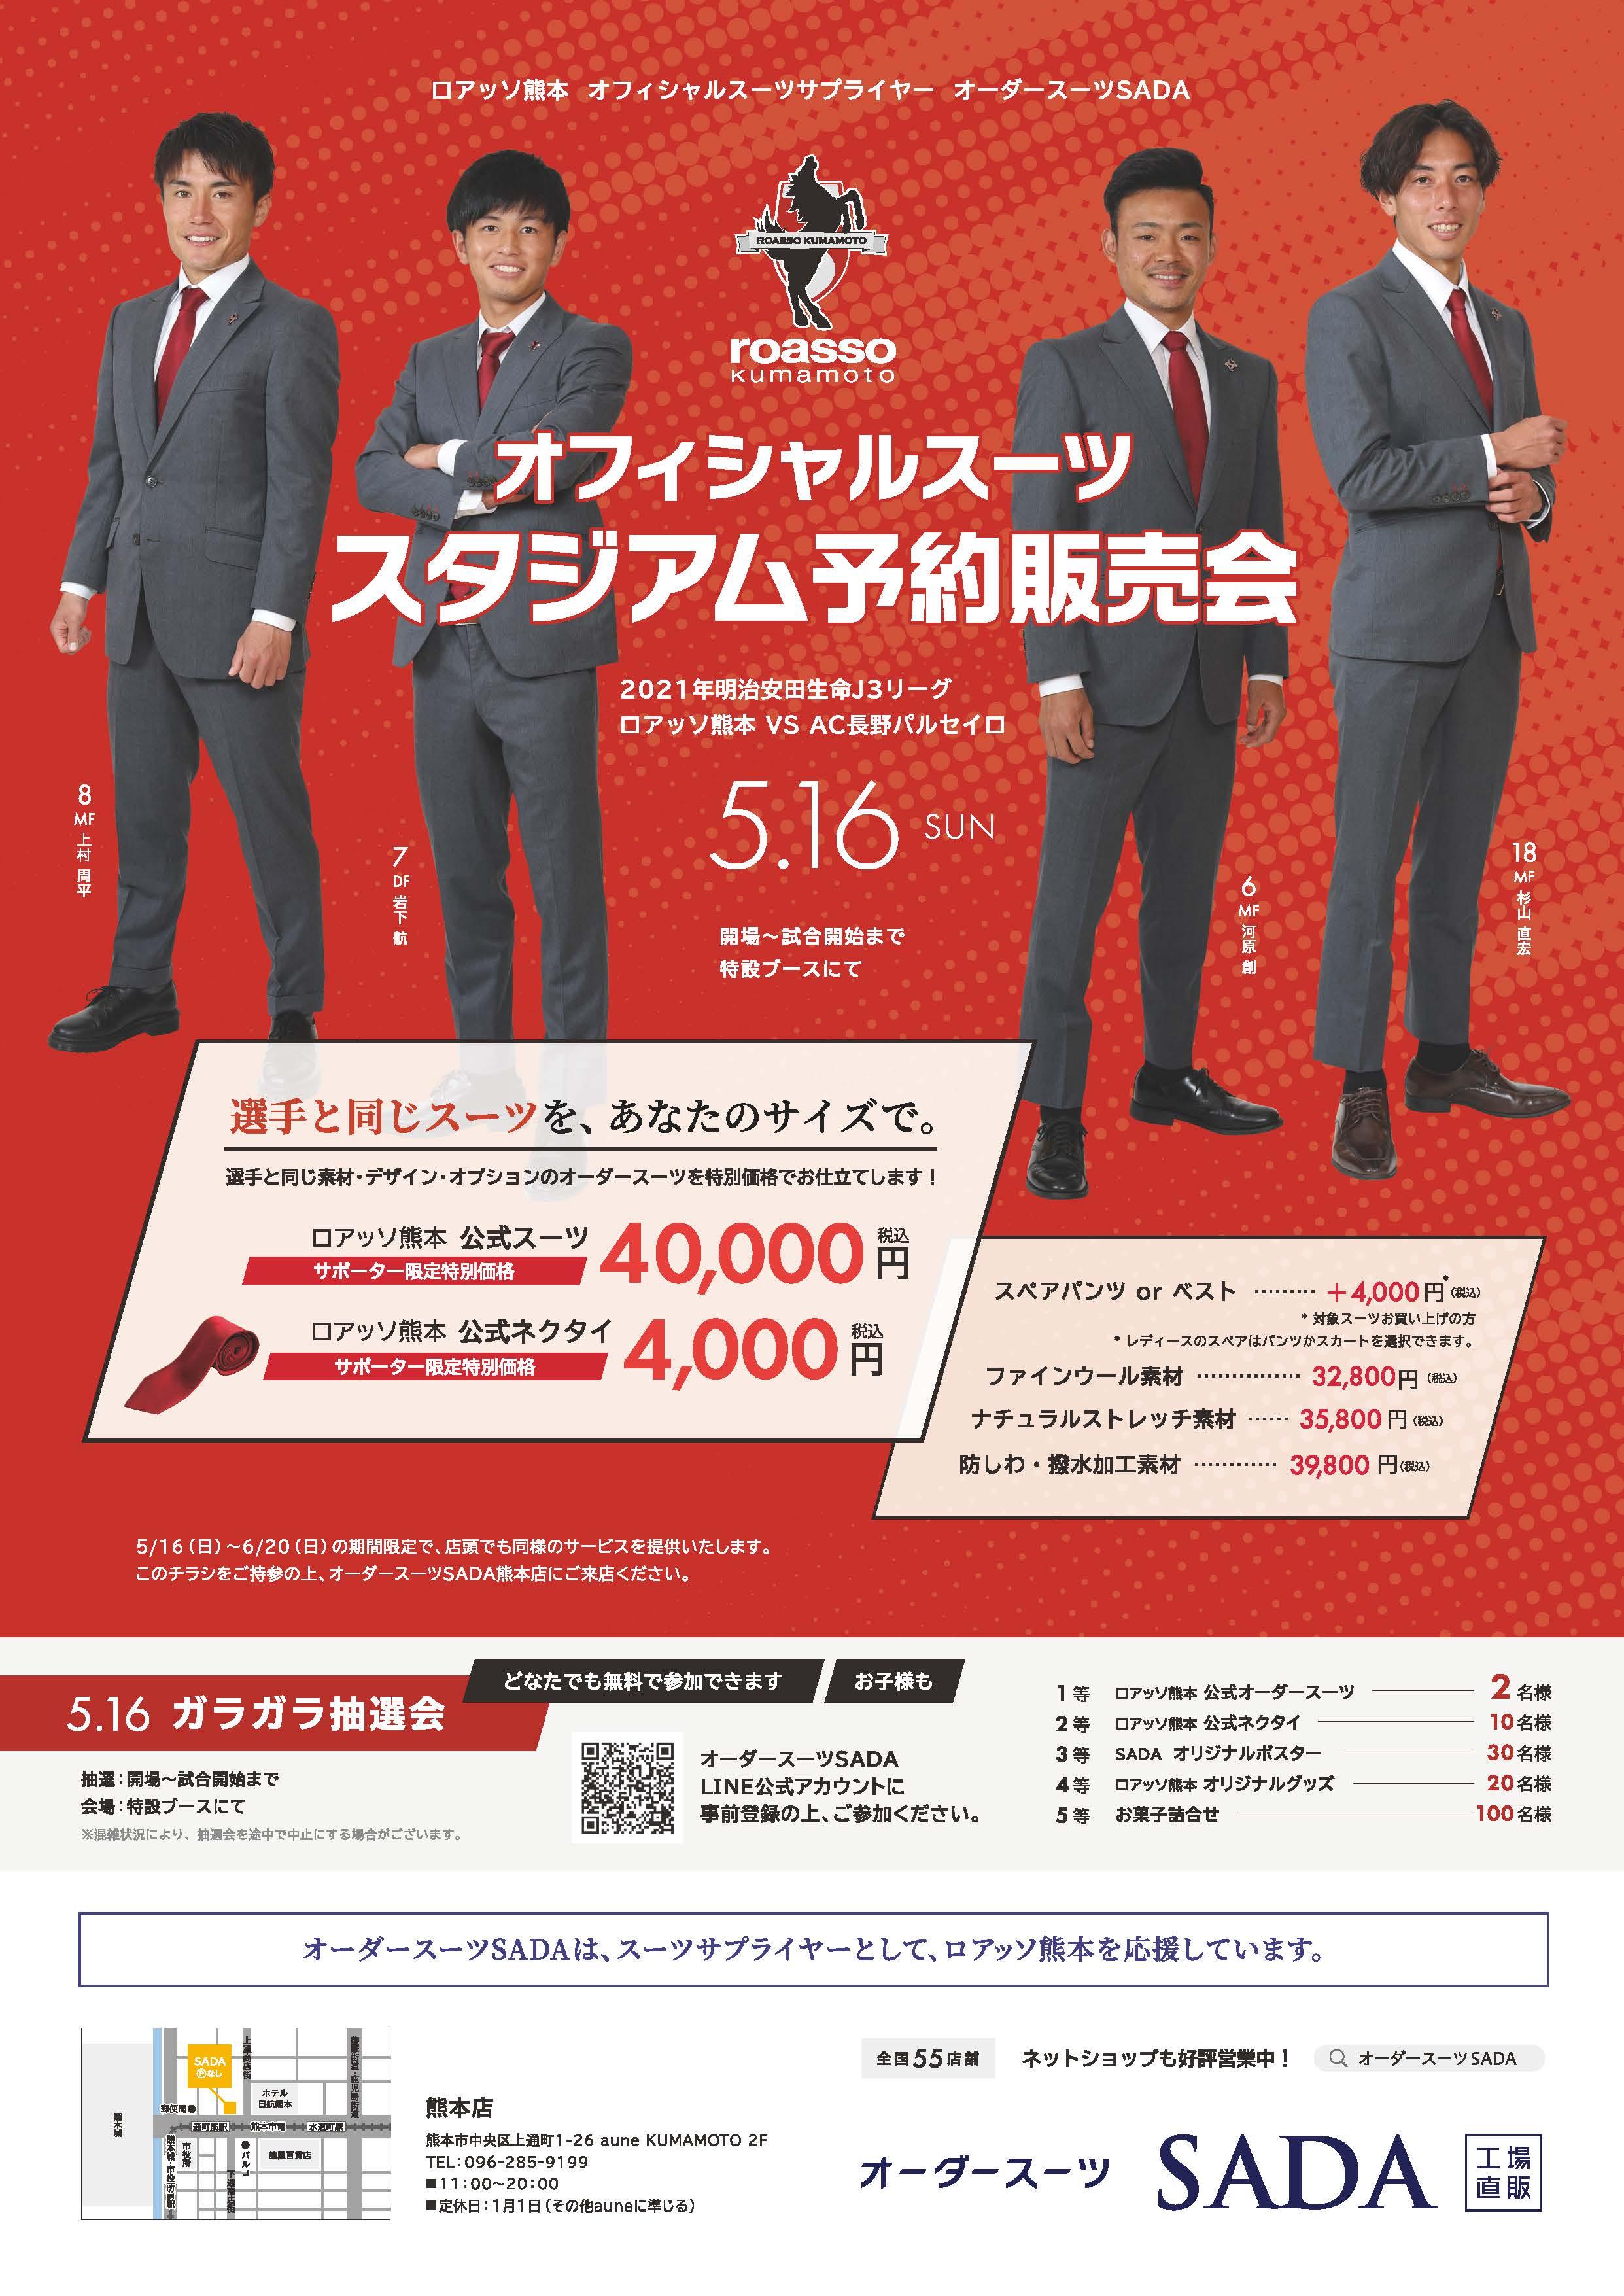 5/16(日)「ロアッソ熊本」オフィシャルスーツのスタジアム予約販売会&抽選会をおこないます。 画像